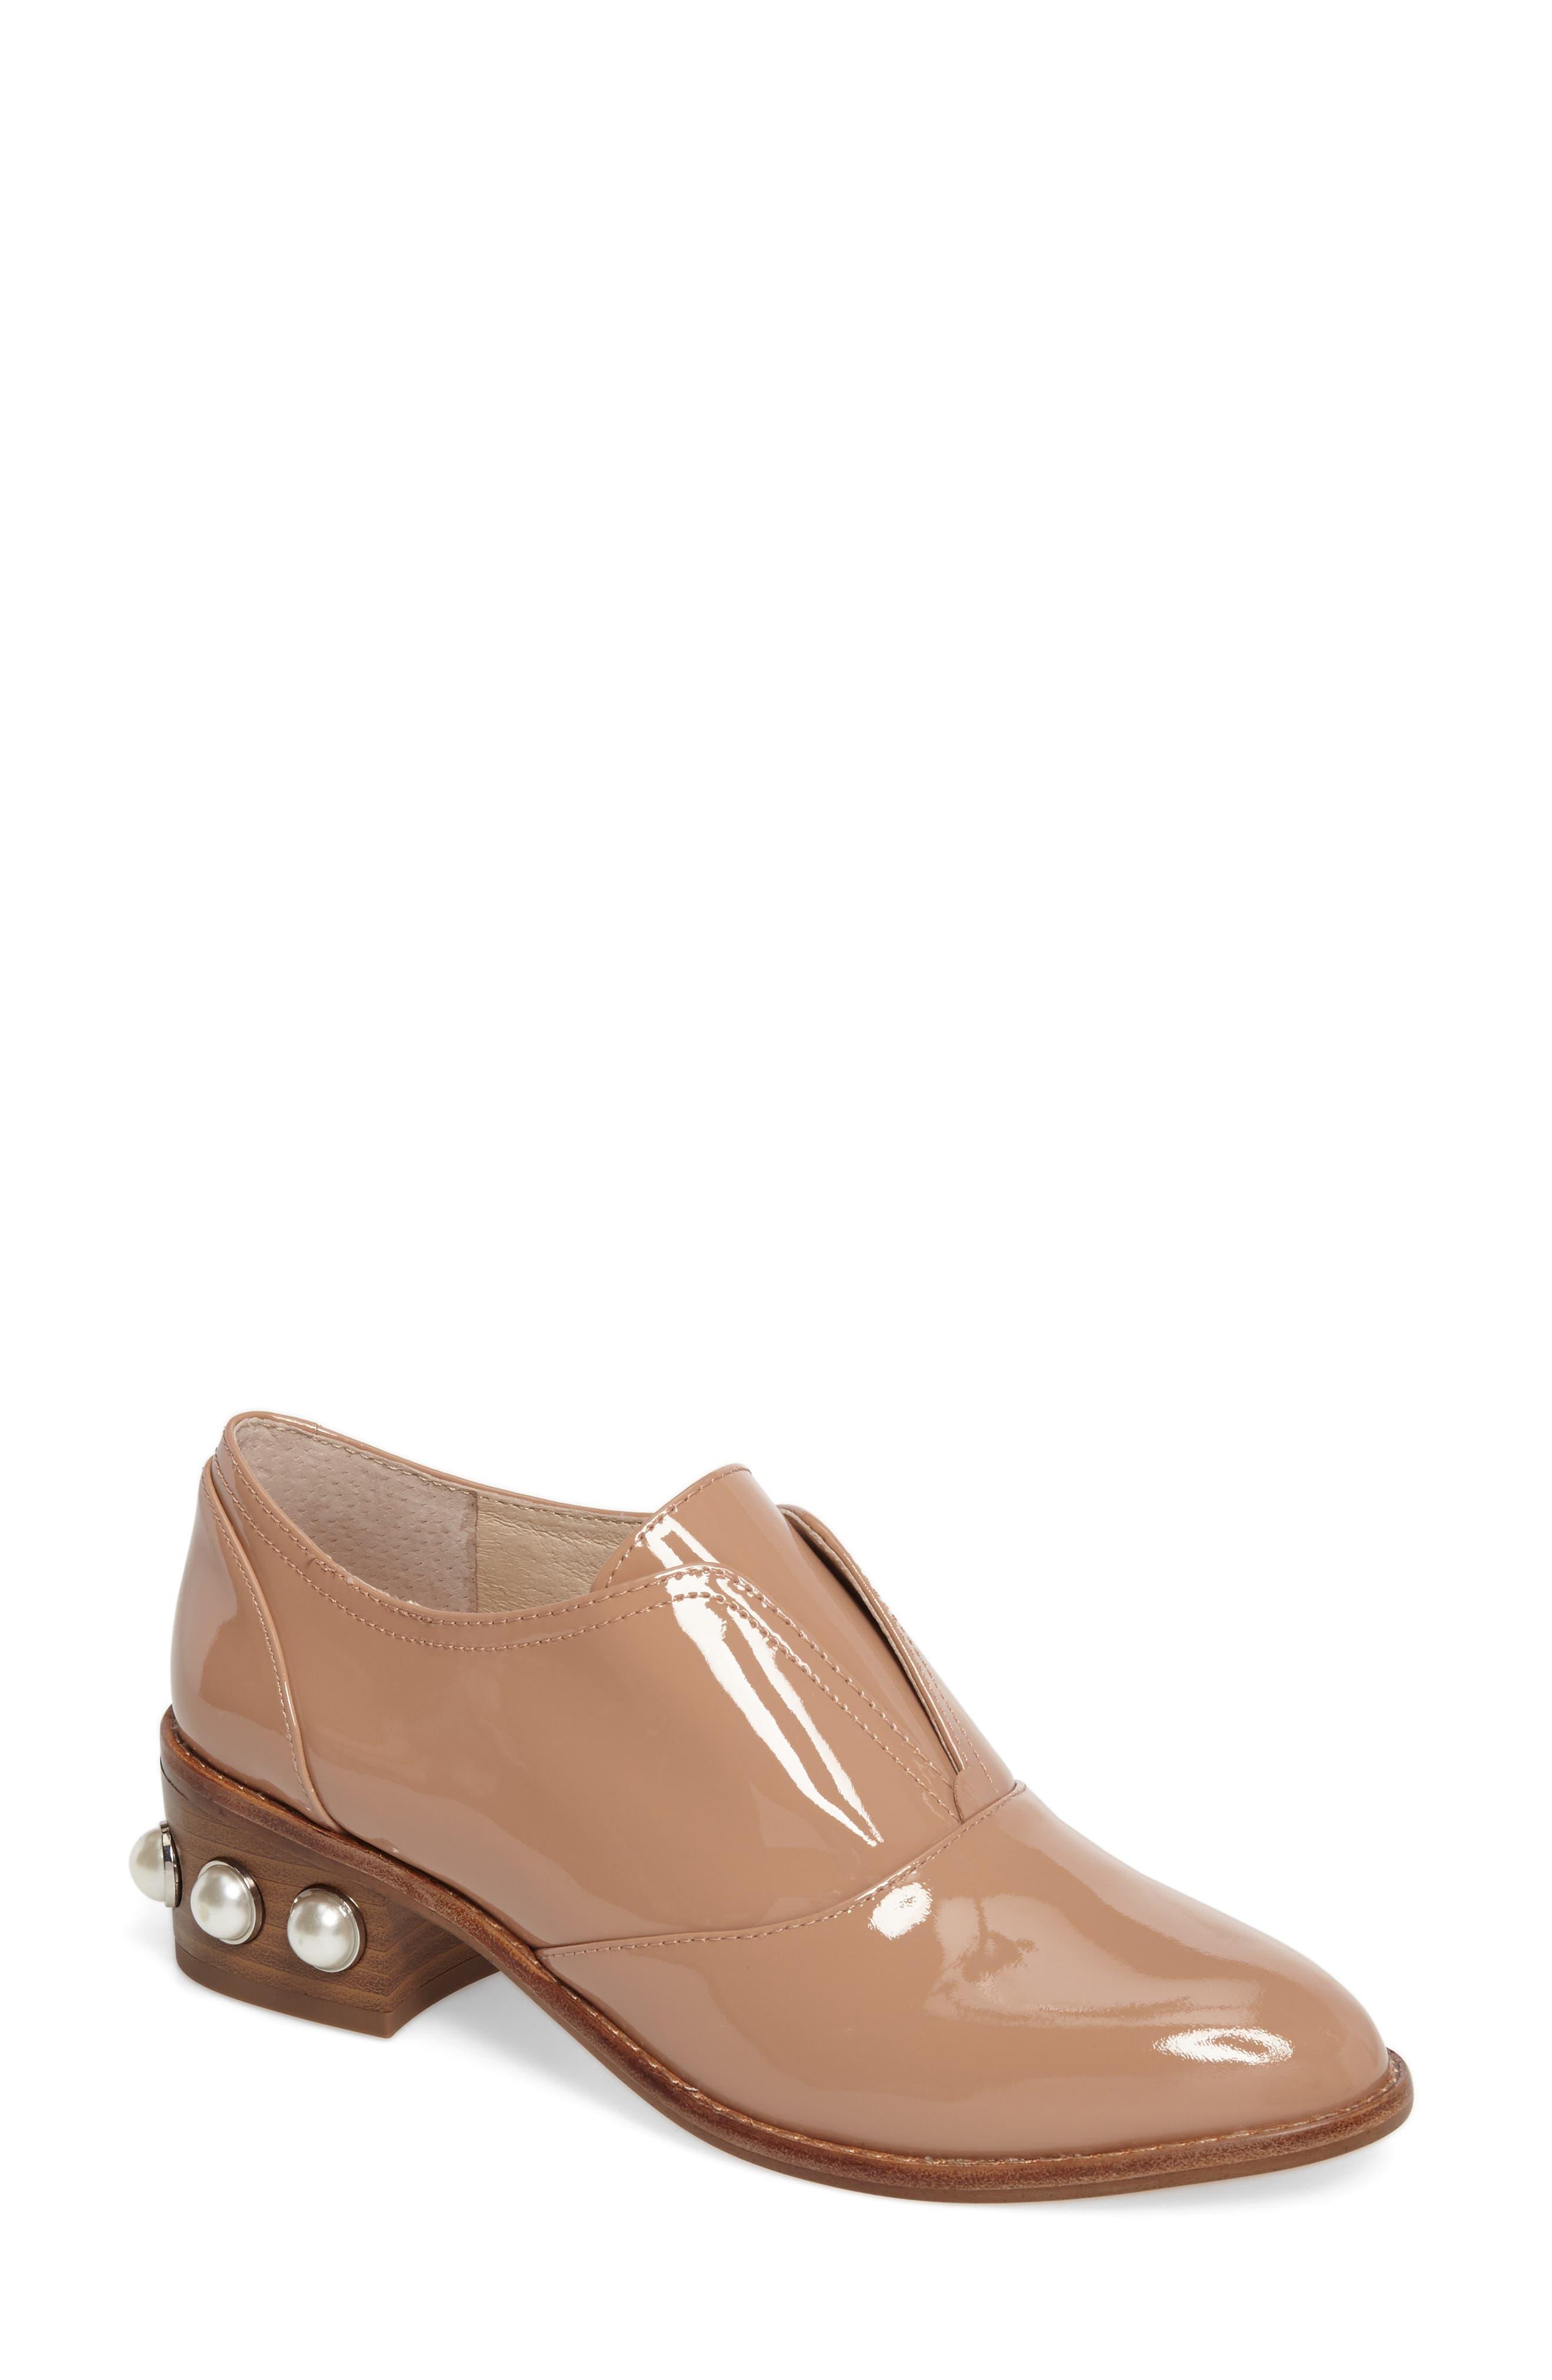 Alternate Image 1 Selected - Louise et Cie Franley Embellished Heel Oxford (Women)